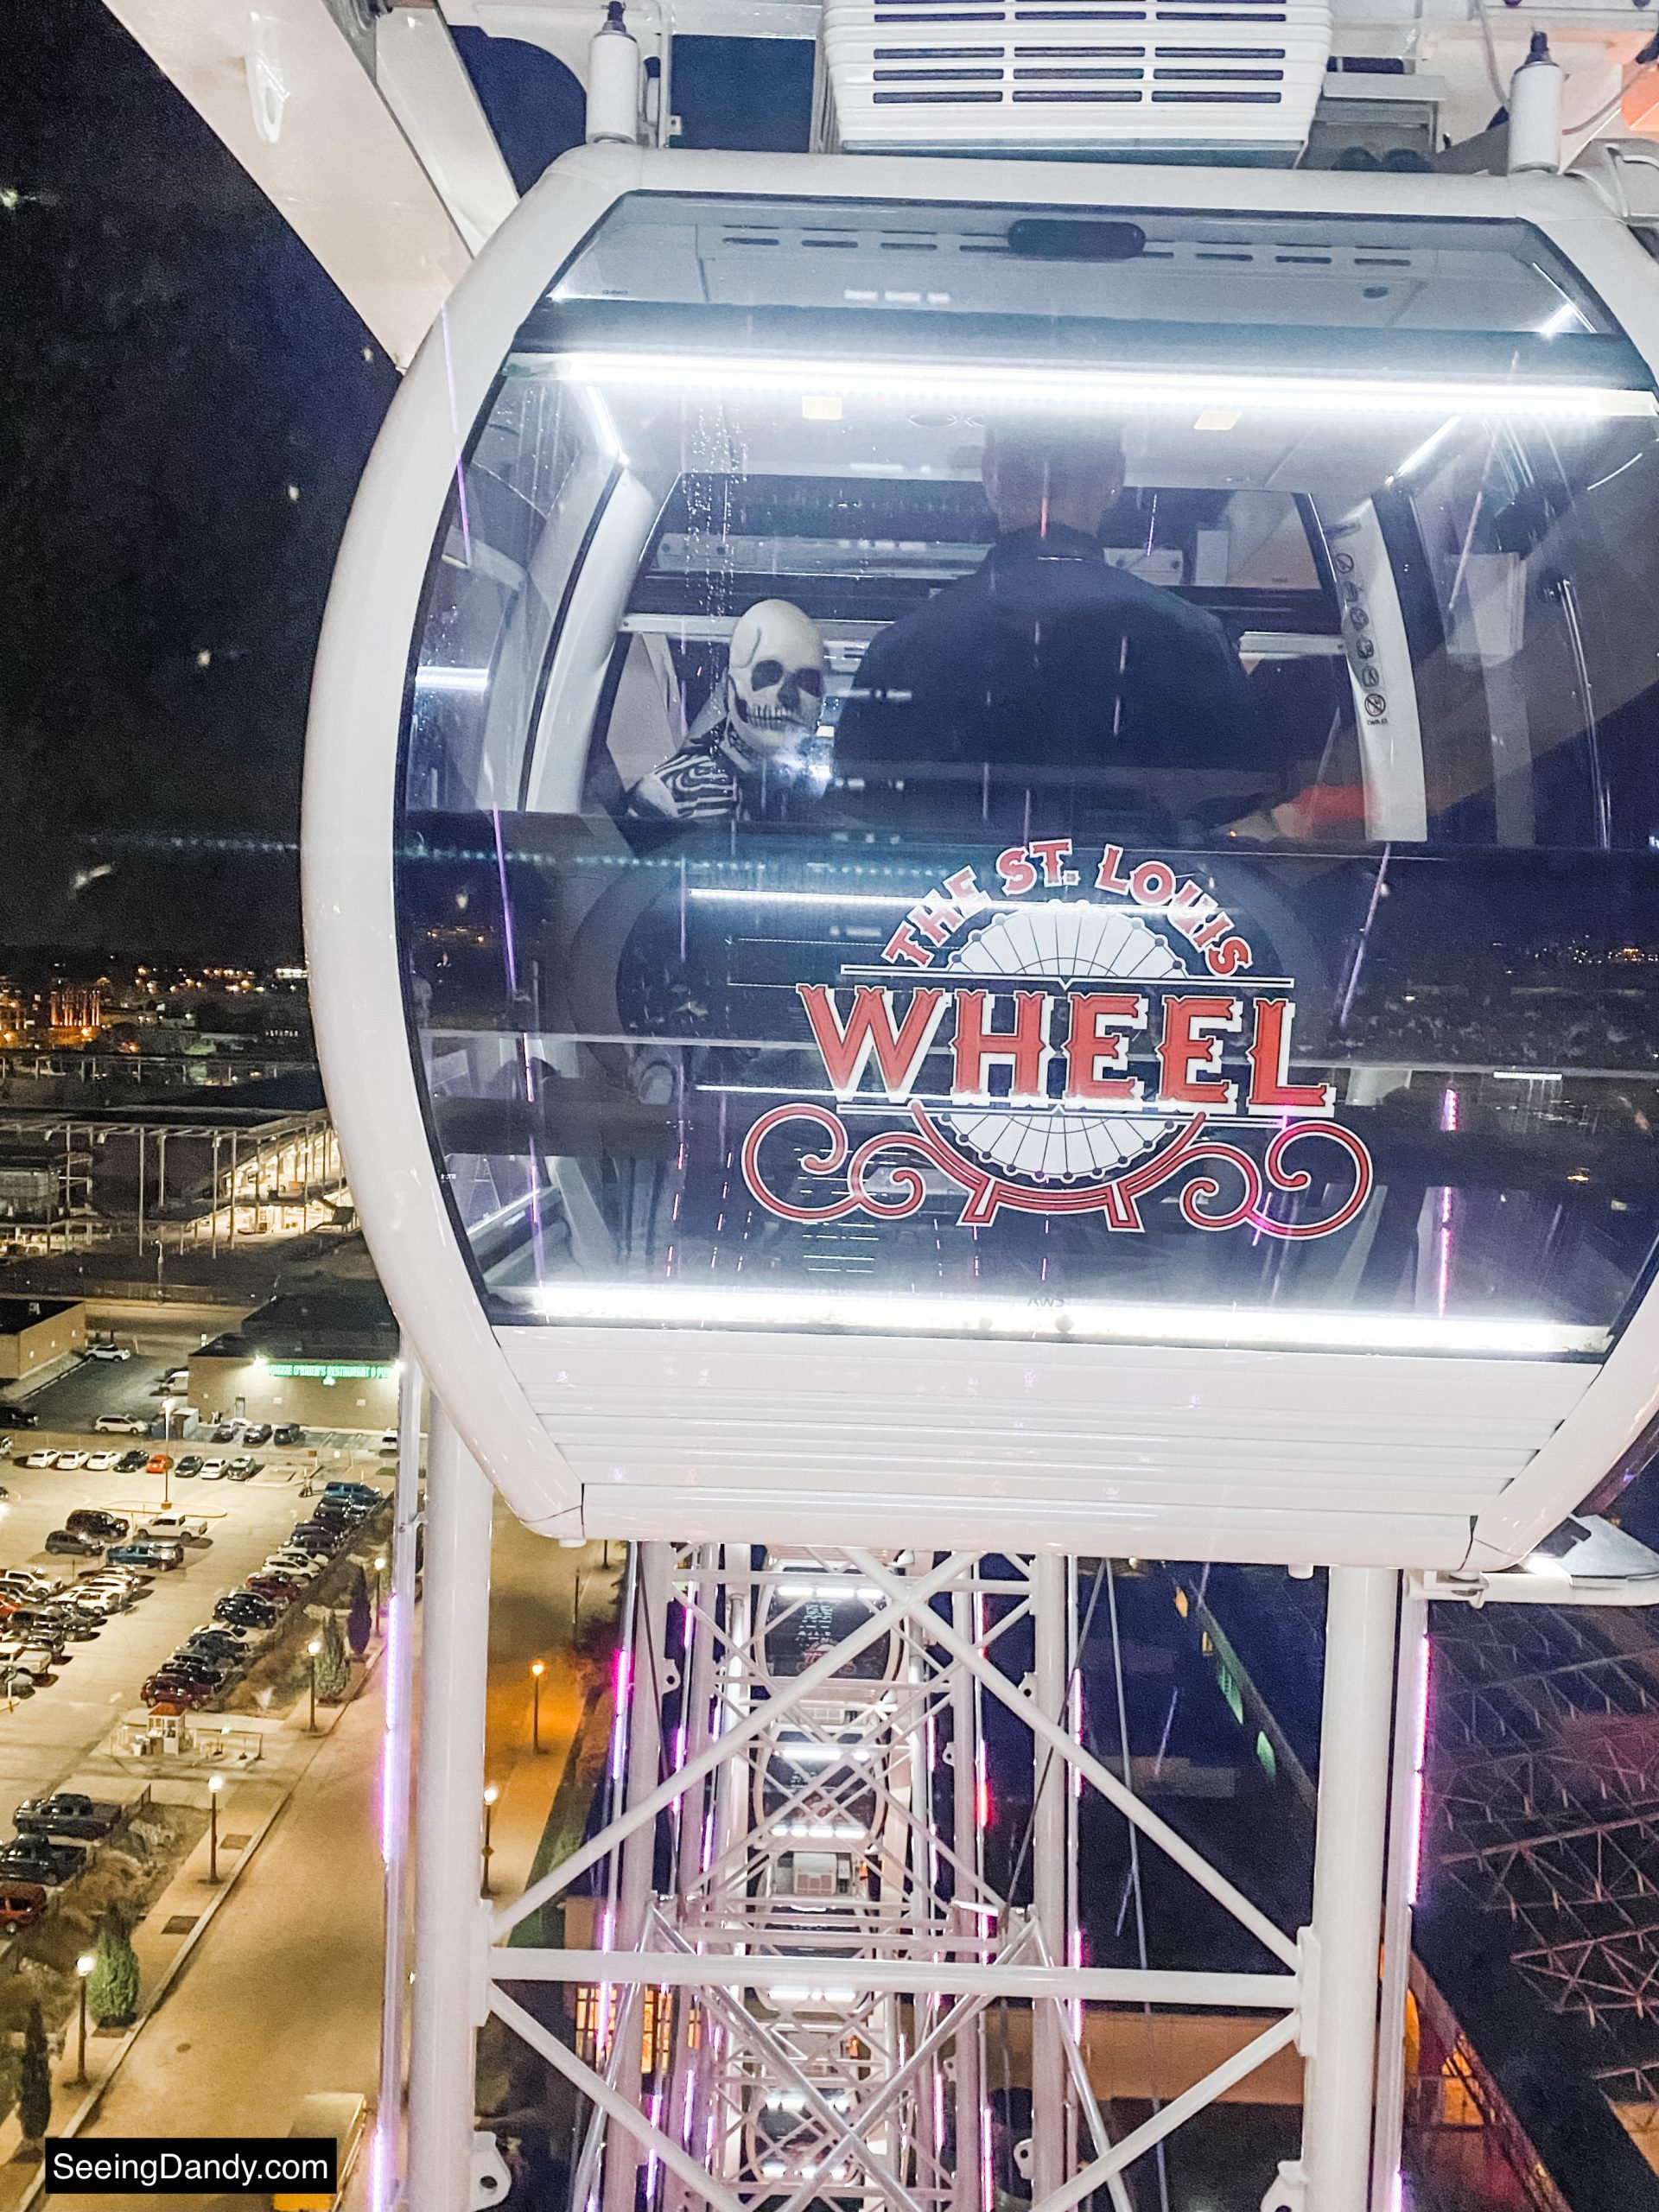 skeleton riding on the st. louis wheel gondola